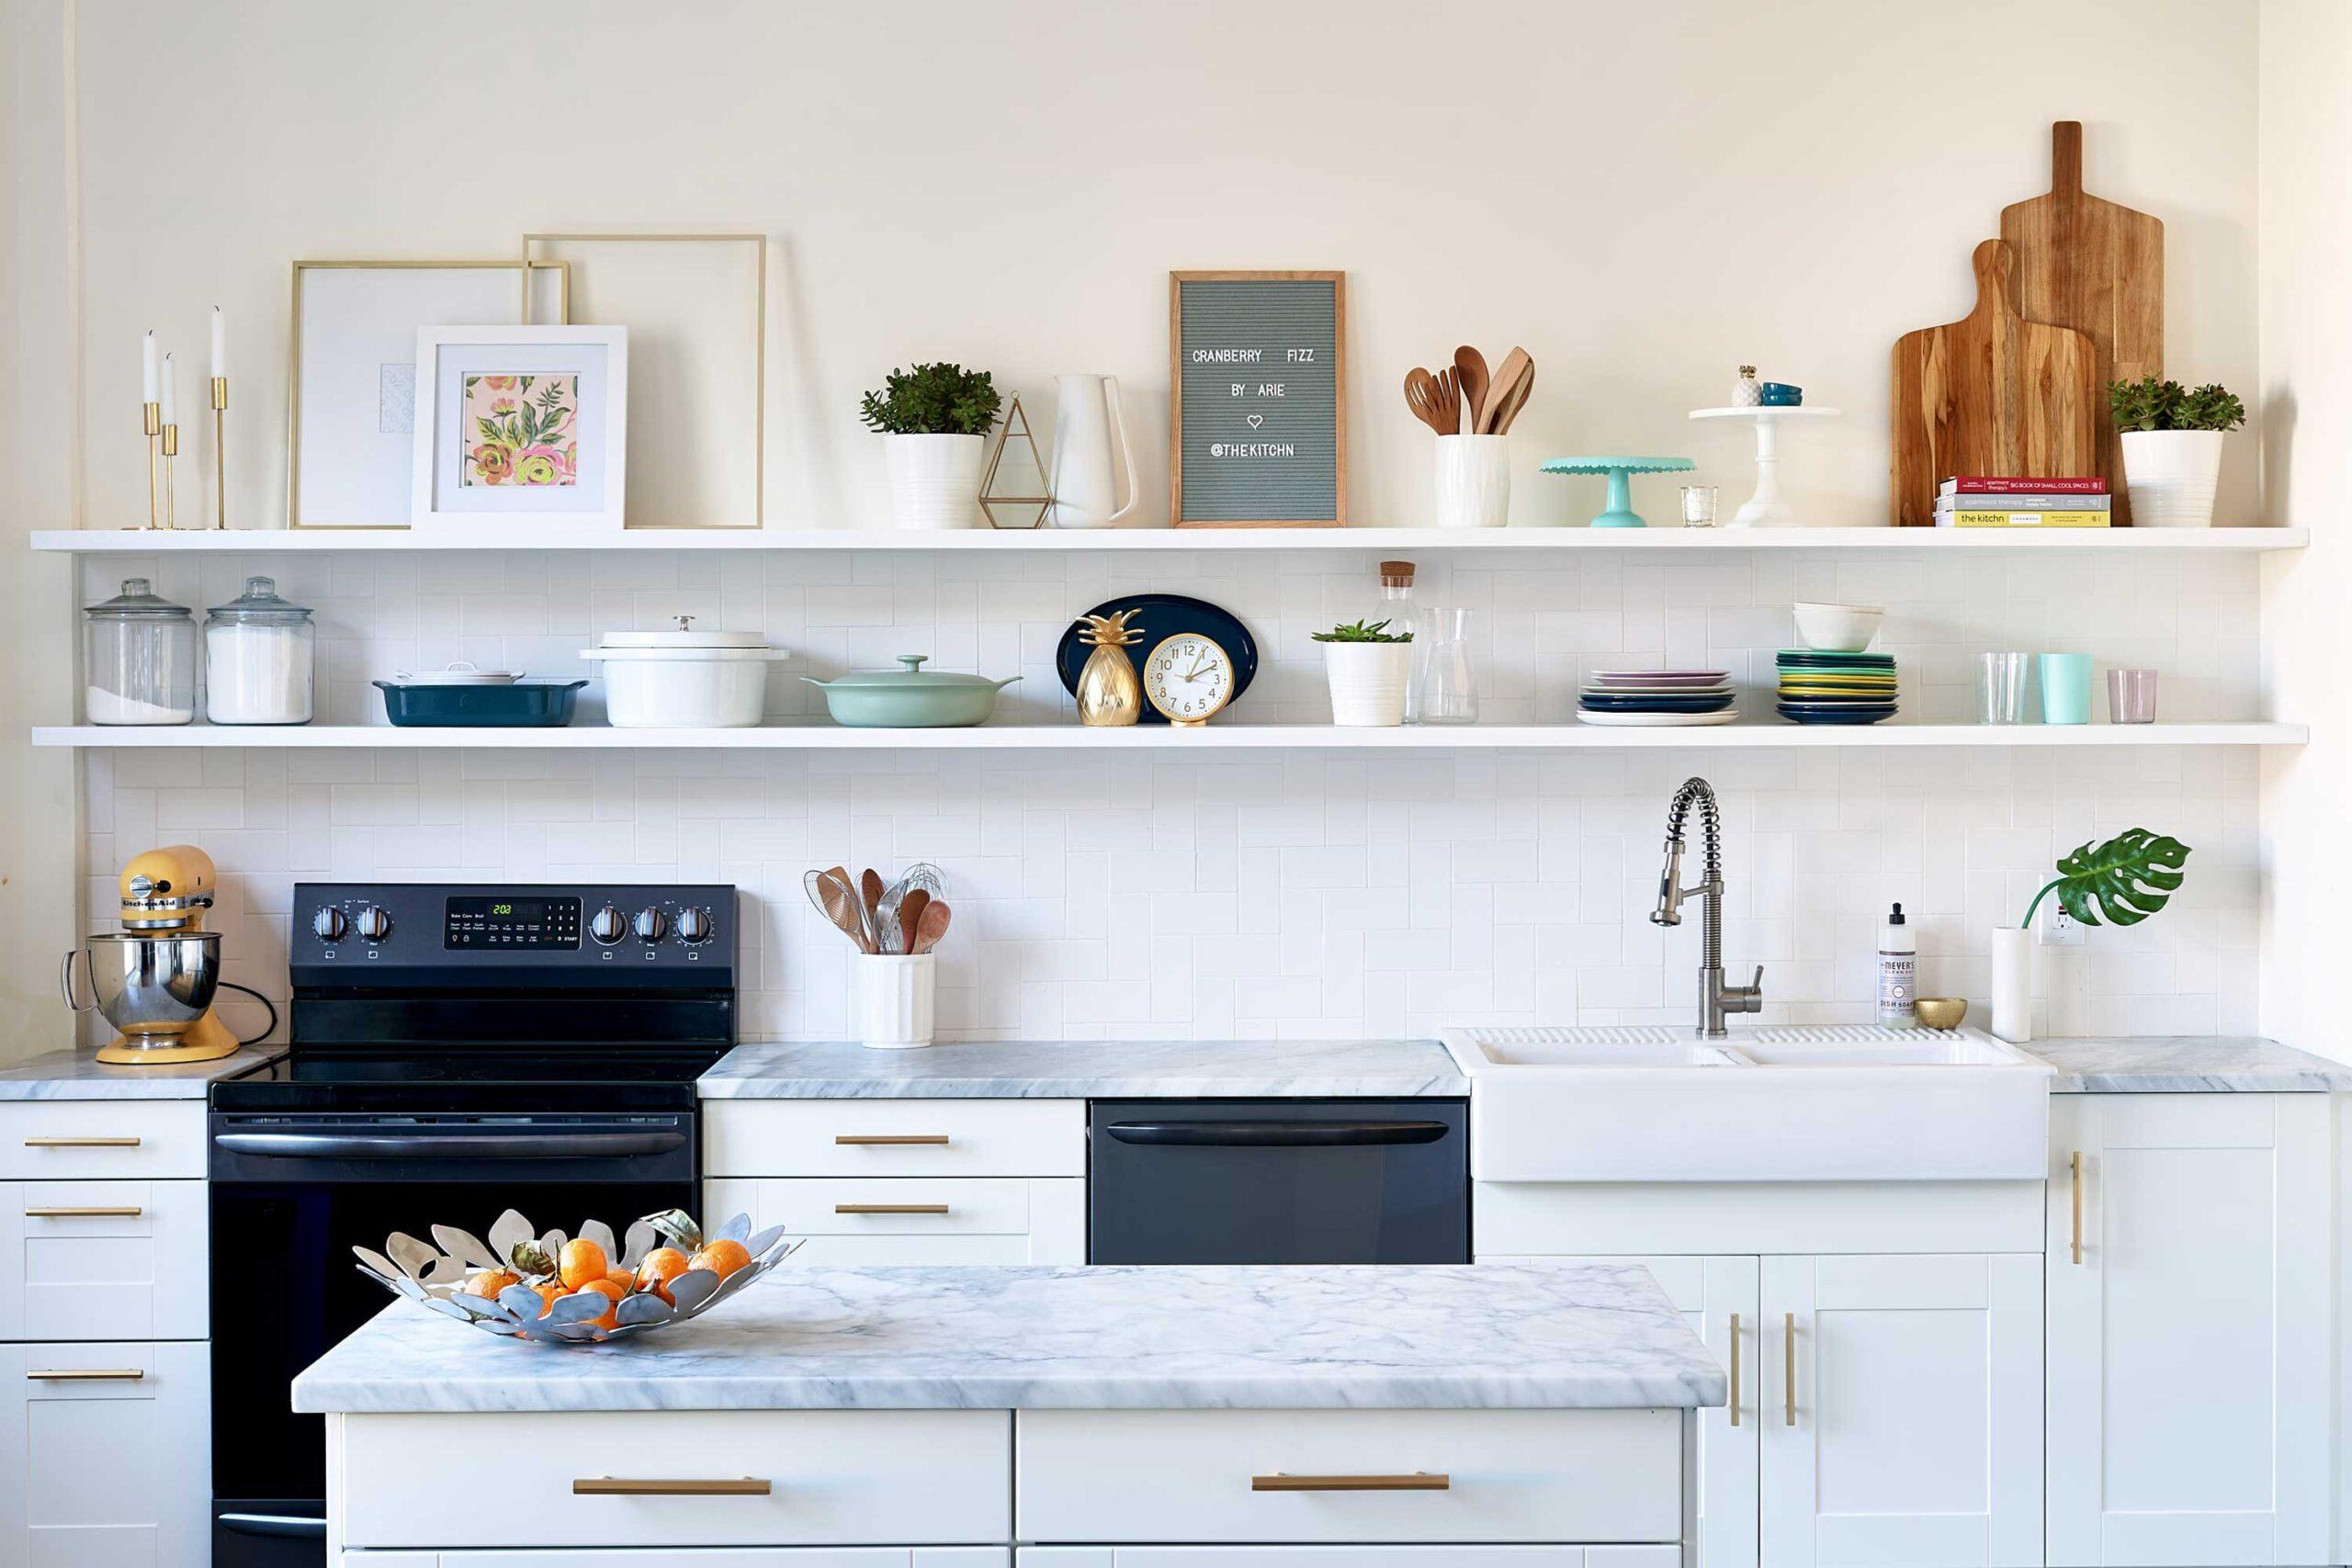 Maža virtuvė – kaip padaryti daugiau erdvės?